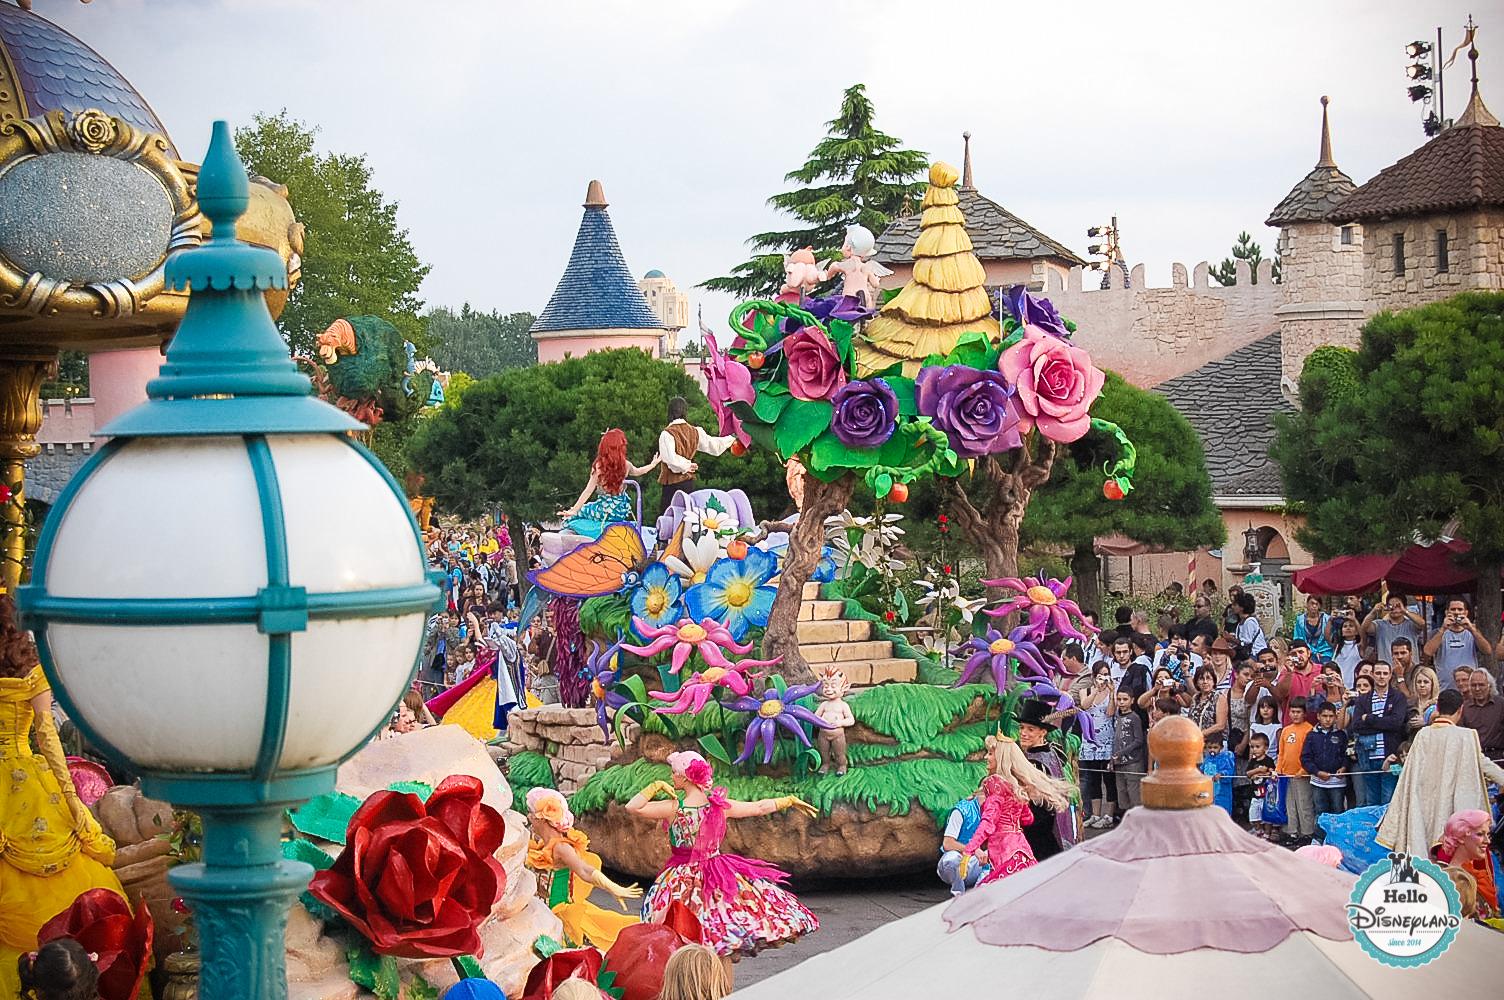 Disney Once Upon a Dream Parade - Disneyland Paris -36